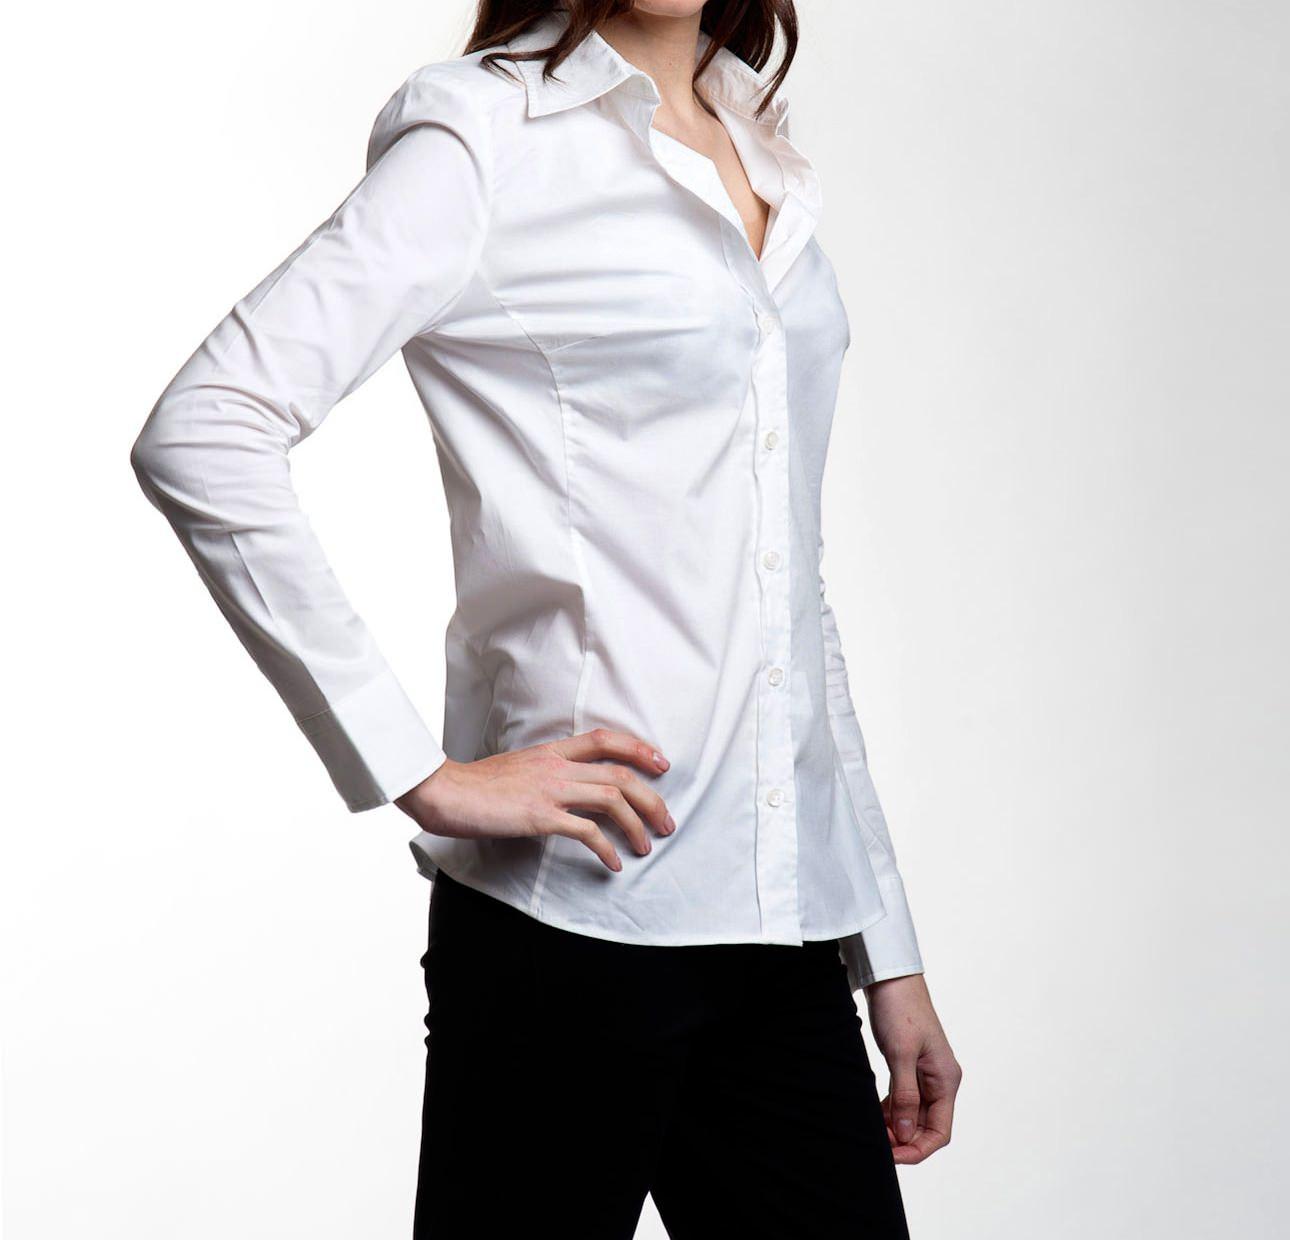 Chemise Blanc Femme Ungaro 29224m 212 EIW2YHD9